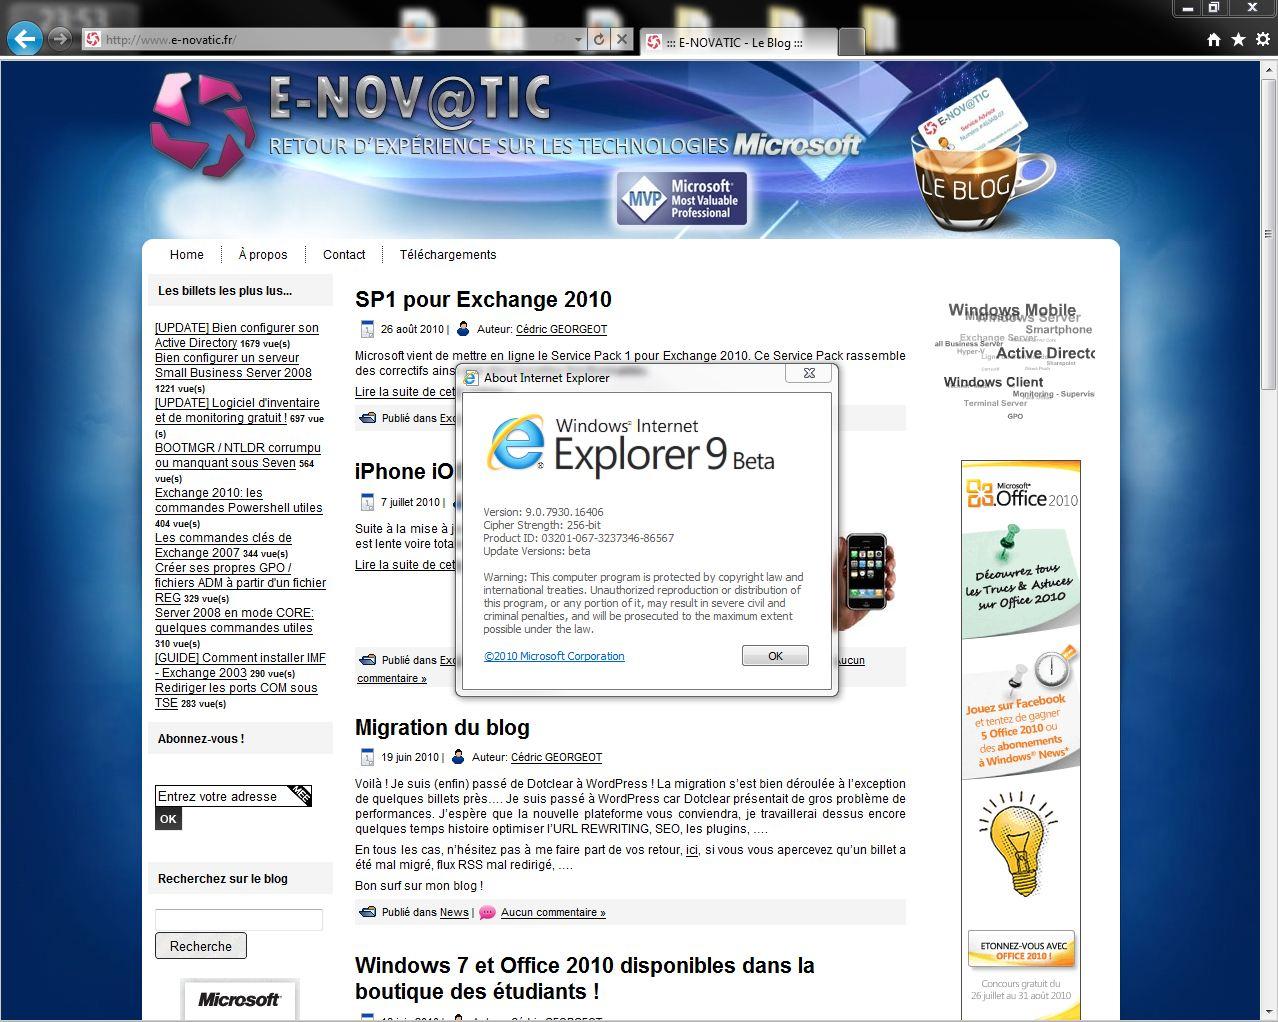 Sortie de Internet Explorer 9